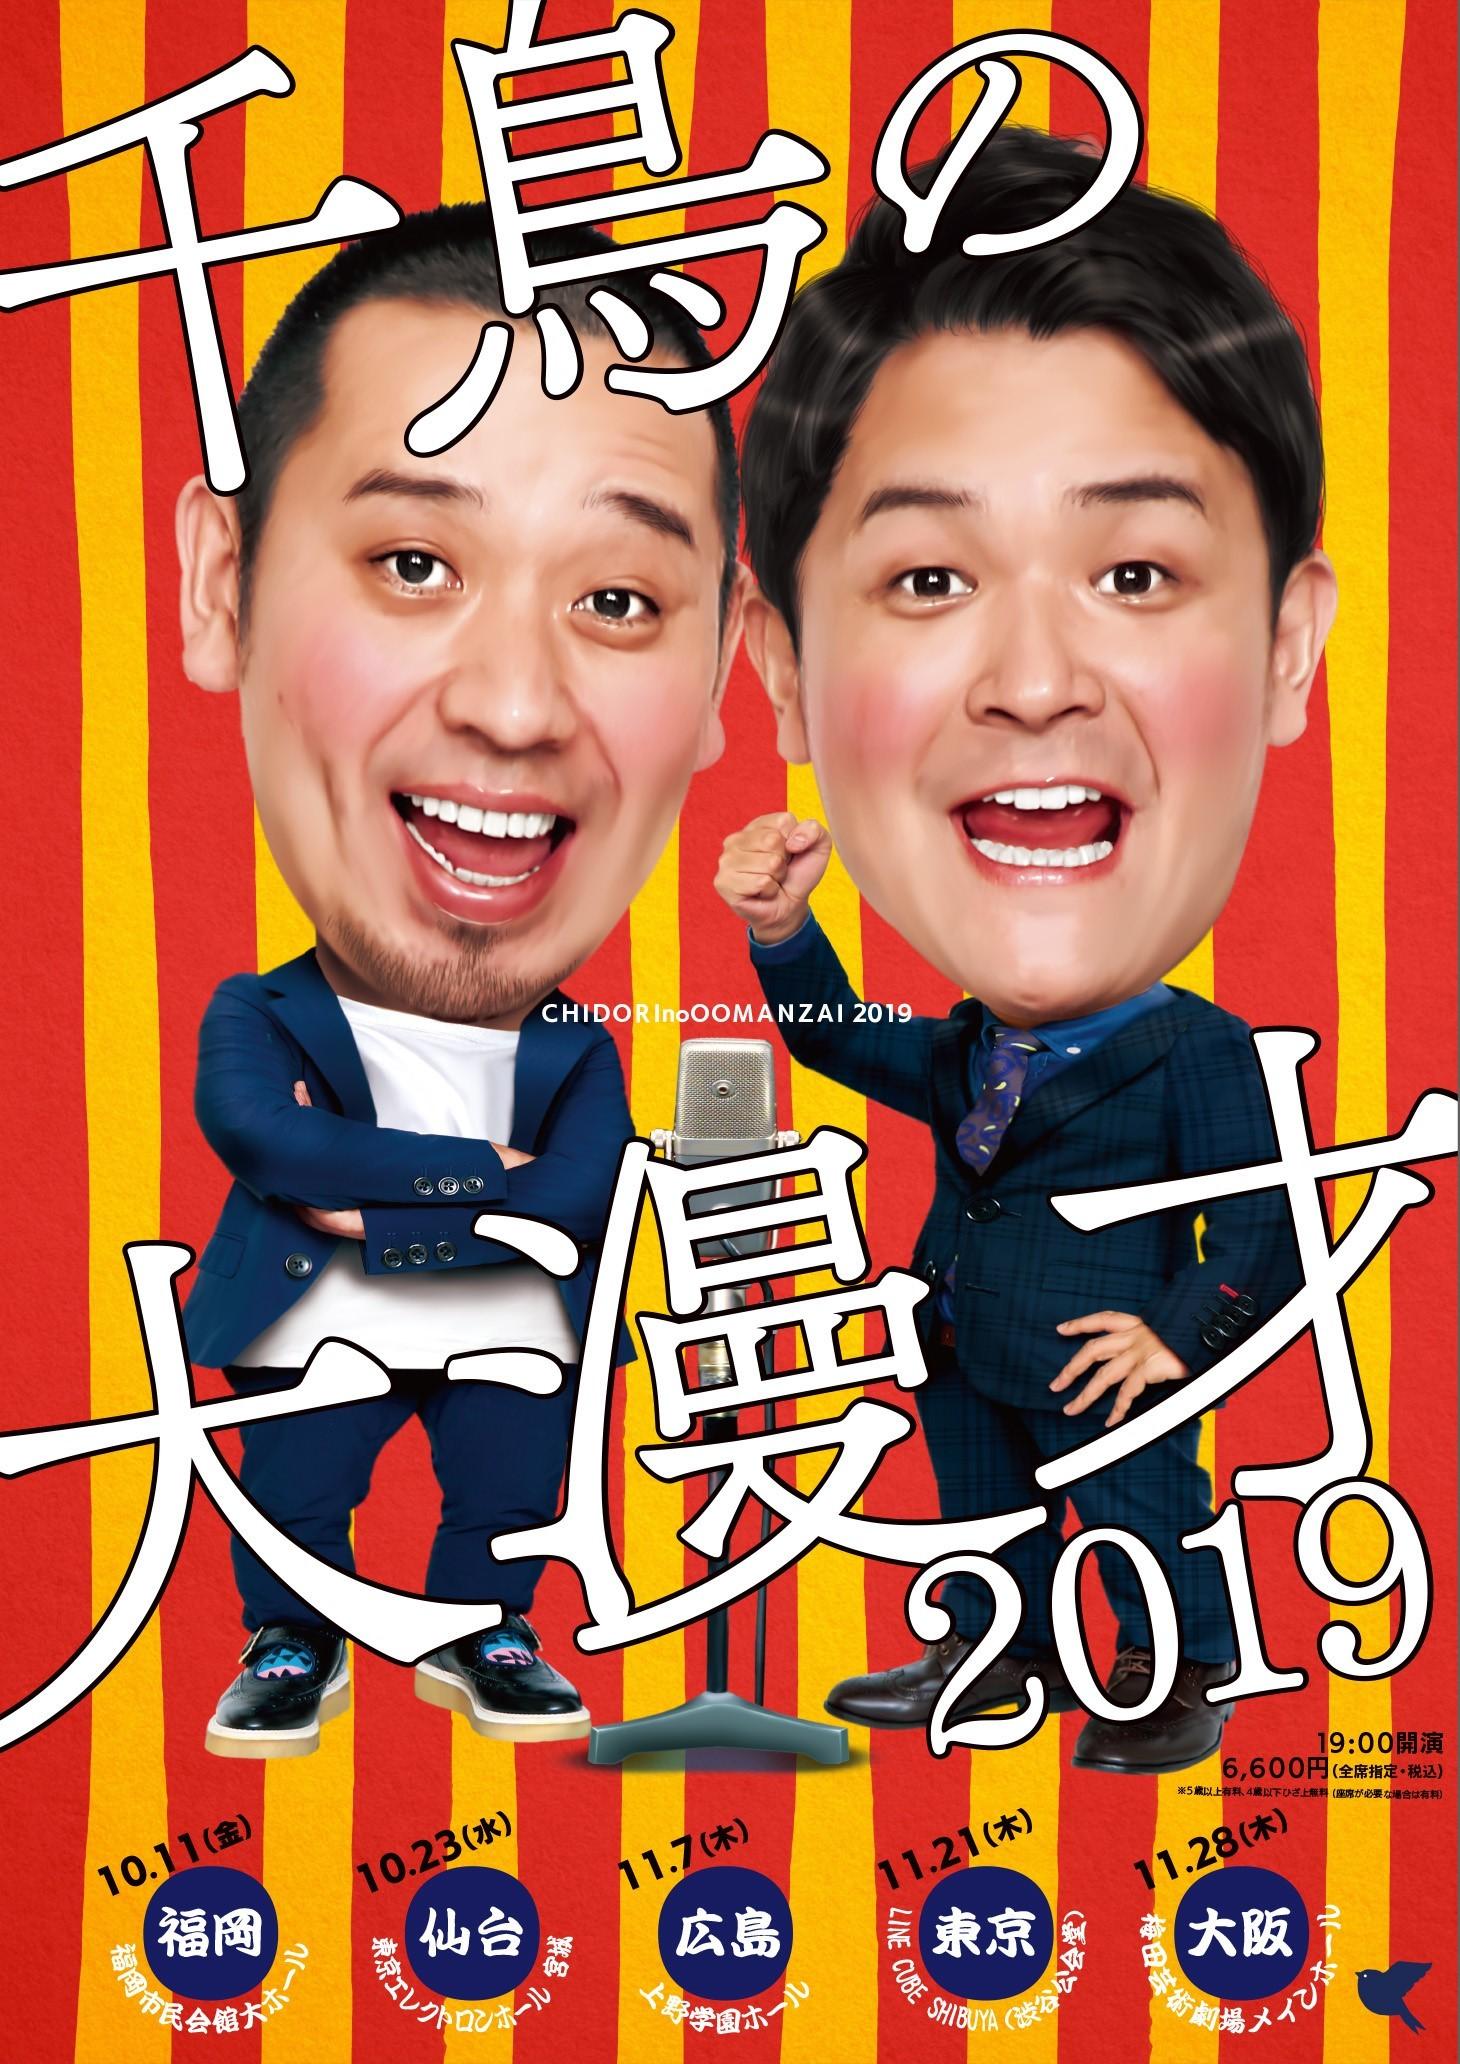 千鳥の大漫才2019